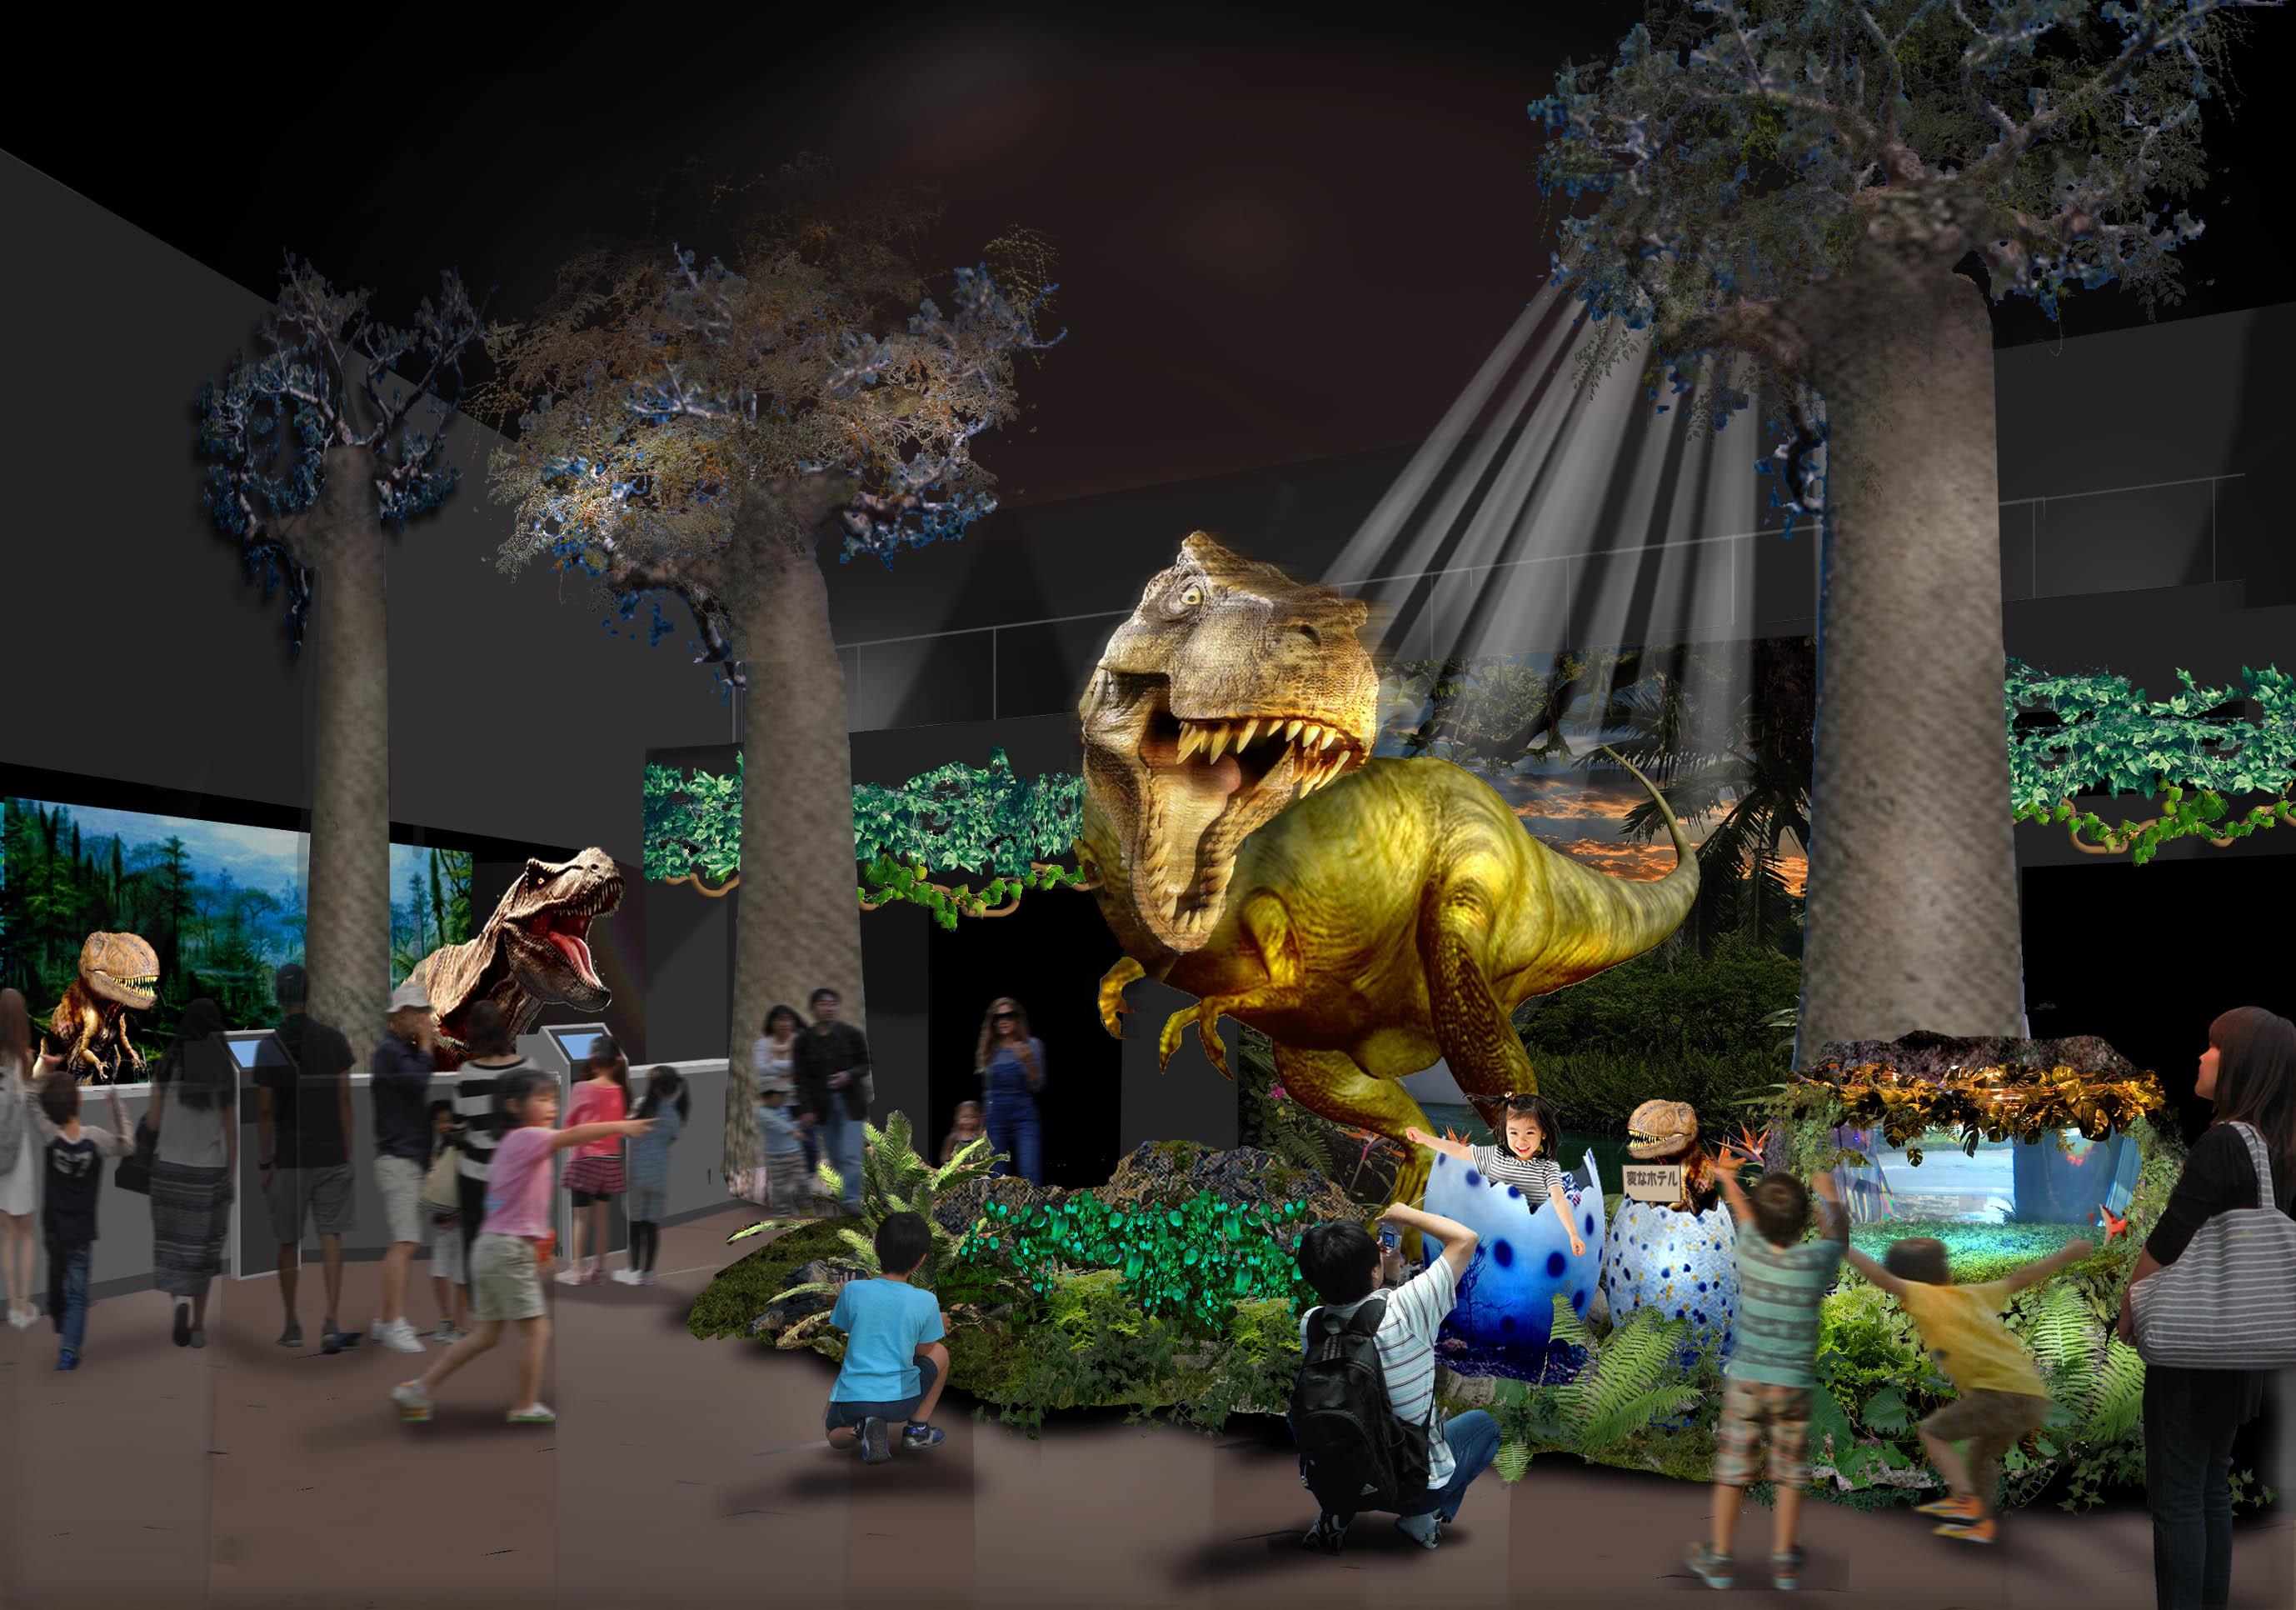 受付で恐竜がお出迎え⁉︎ 2017年8月、ラグナシアに『変なホテル』が誕生! - img 129089 1